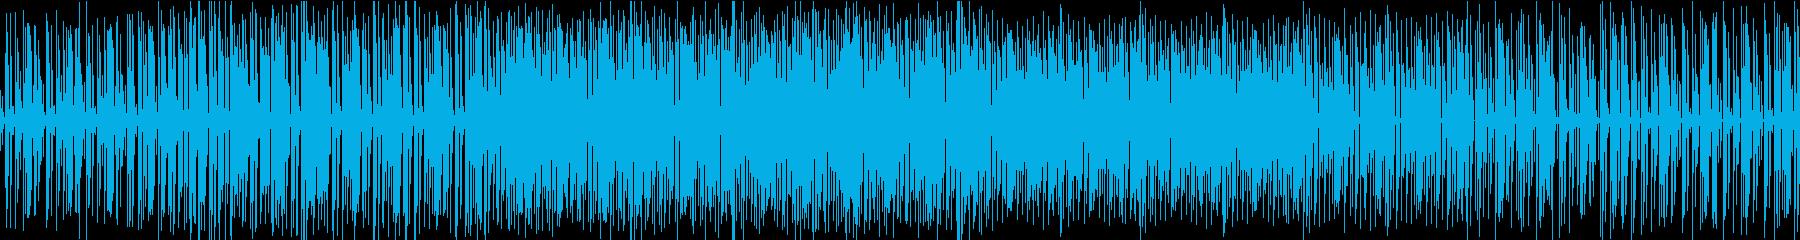 ゆったり堂々としたテクノです。の再生済みの波形